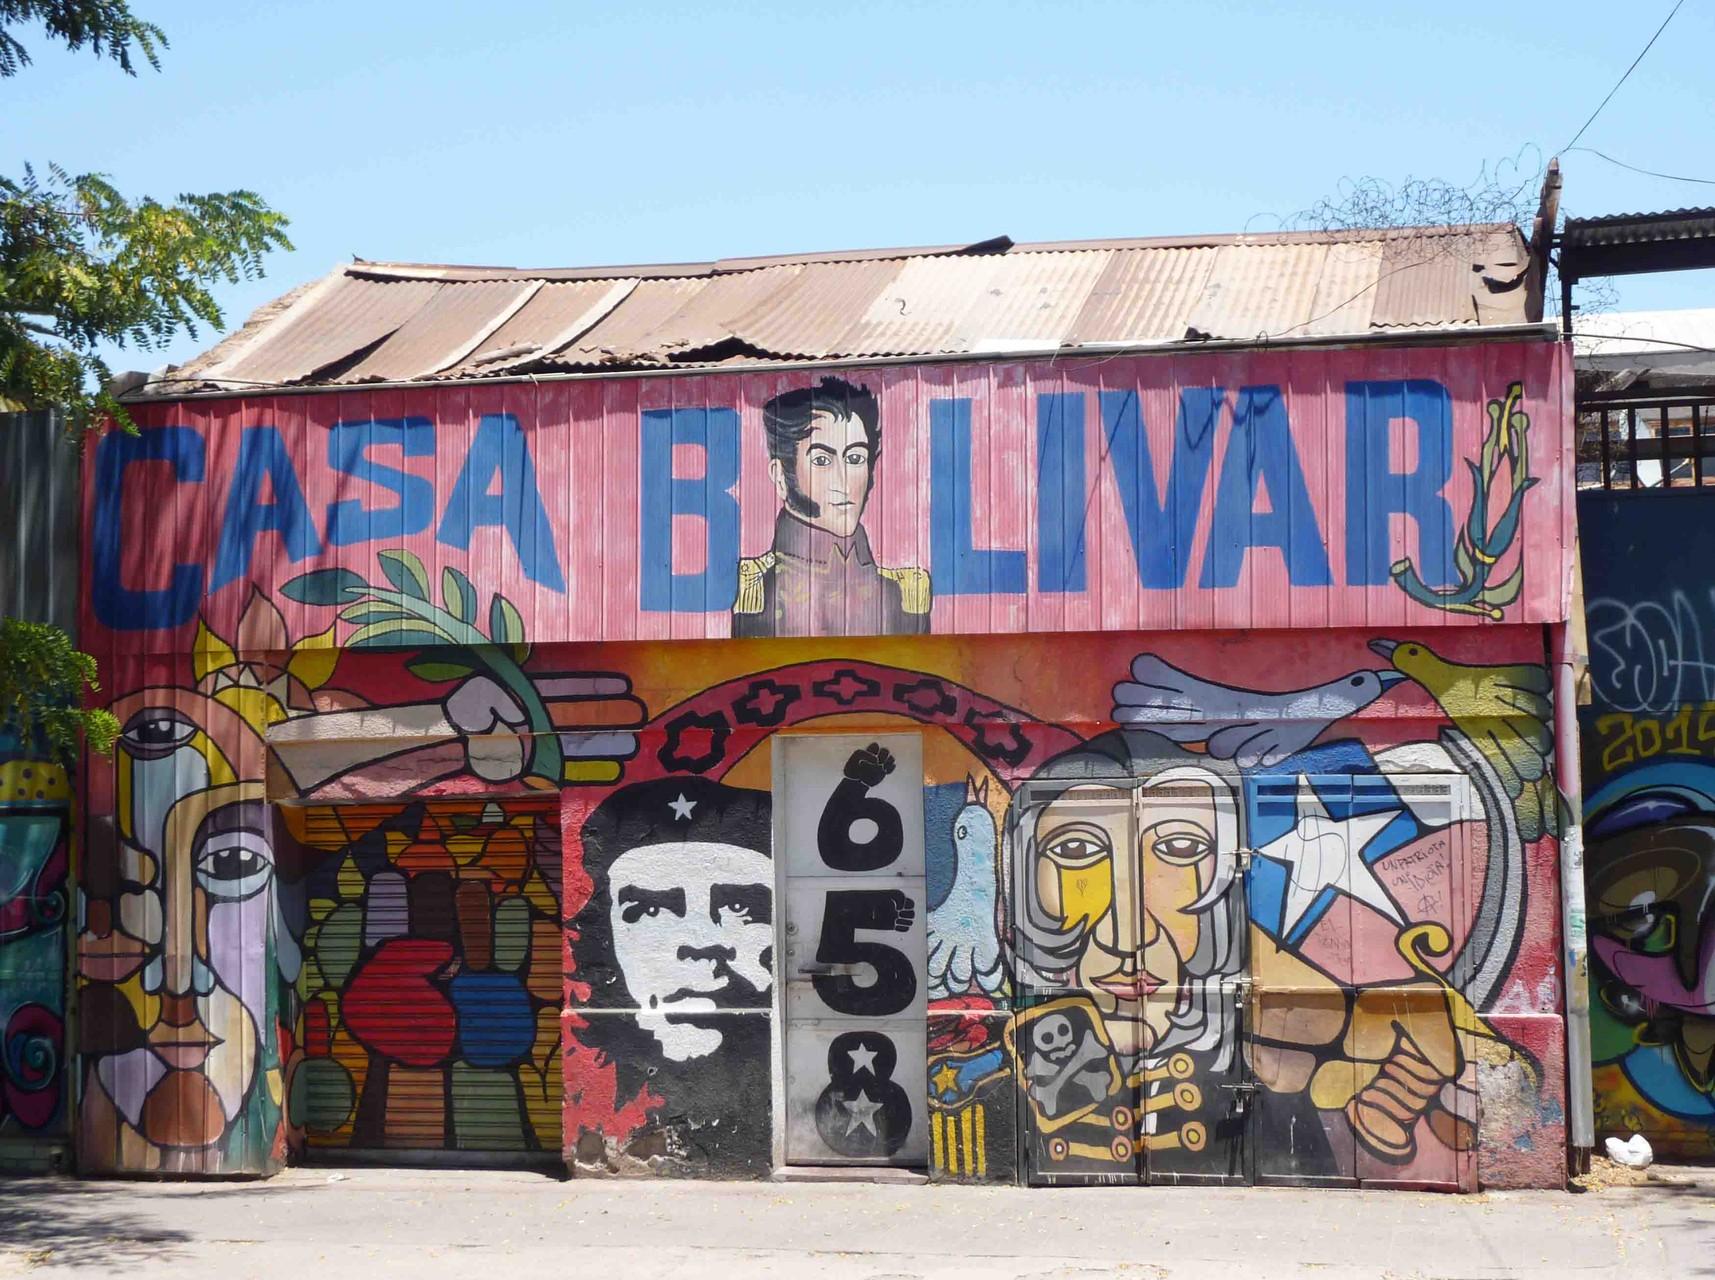 Une modeste habitation dont le propriétaire voue un culte à un autre libertador Simon Bolivar